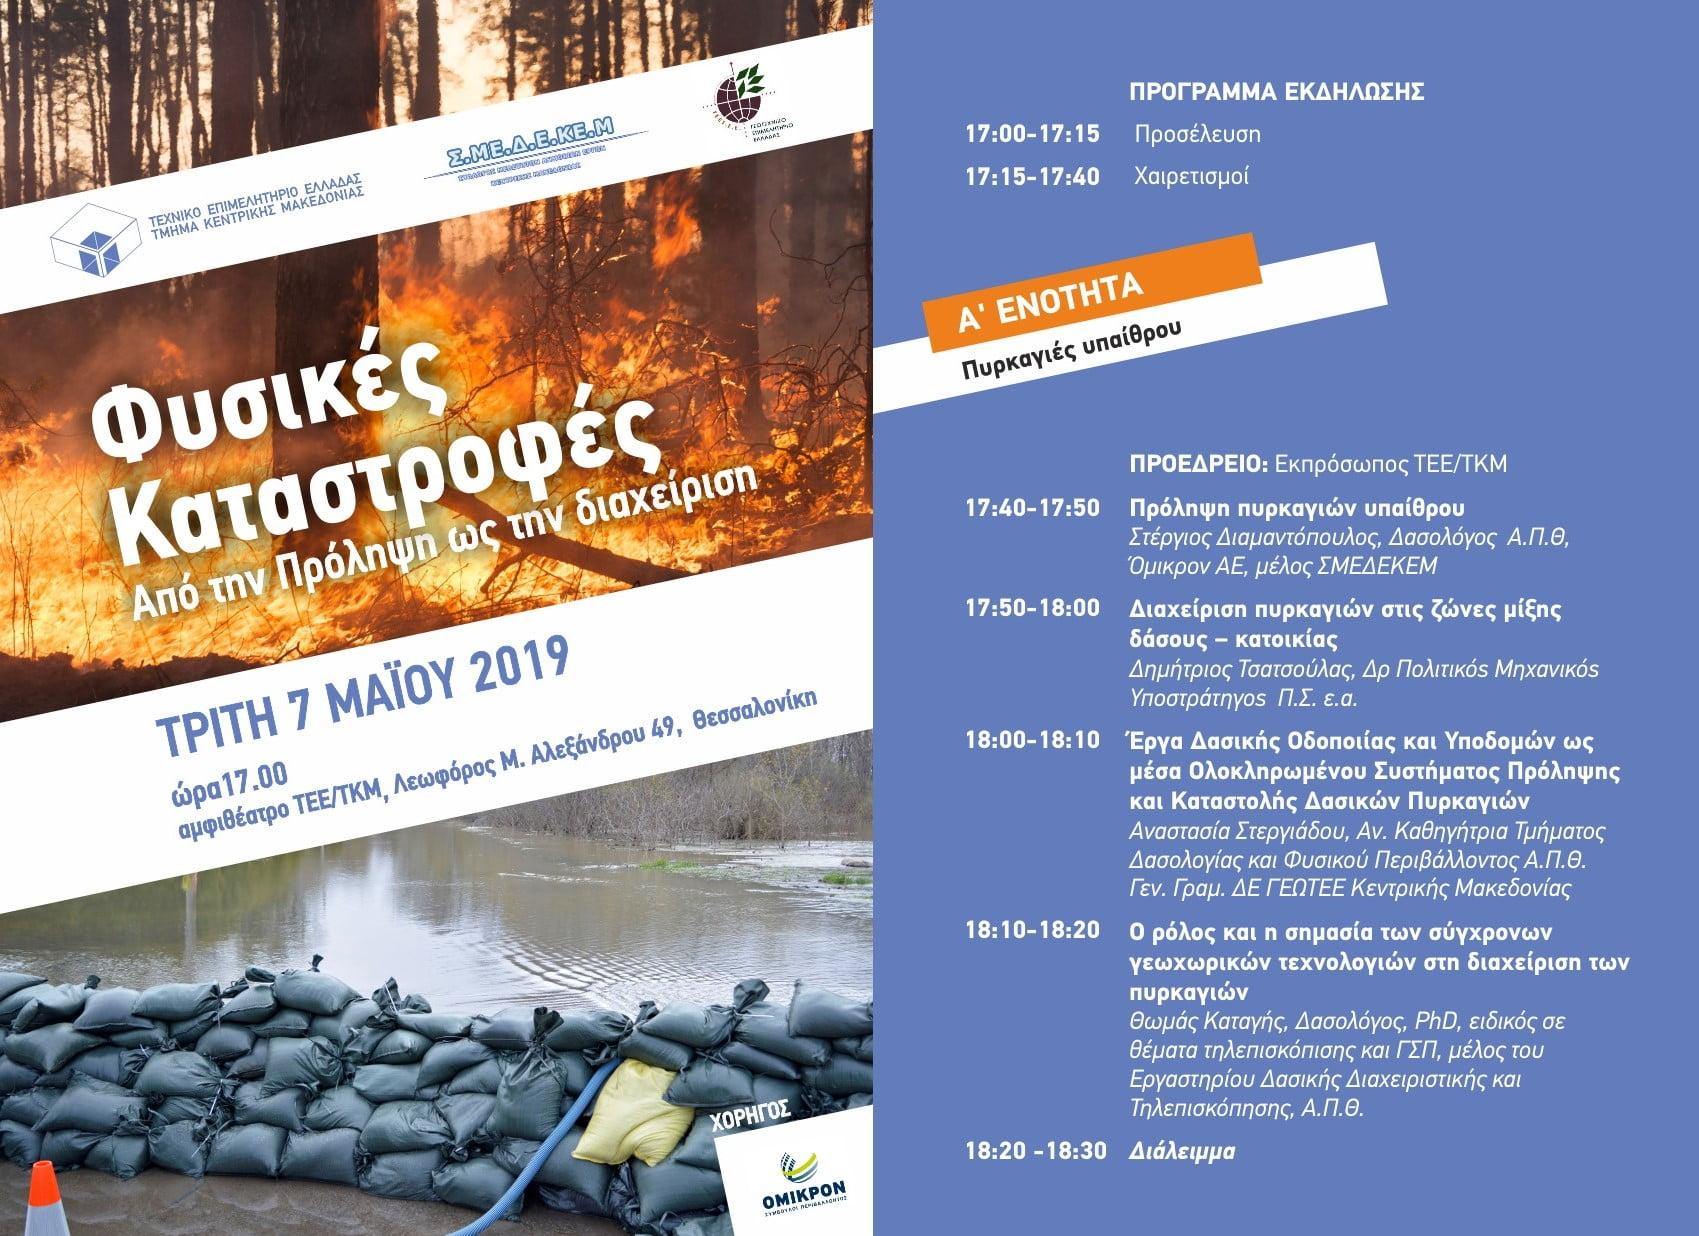 Εικόνα εκδήλωσης για φυσικές καταστροφές